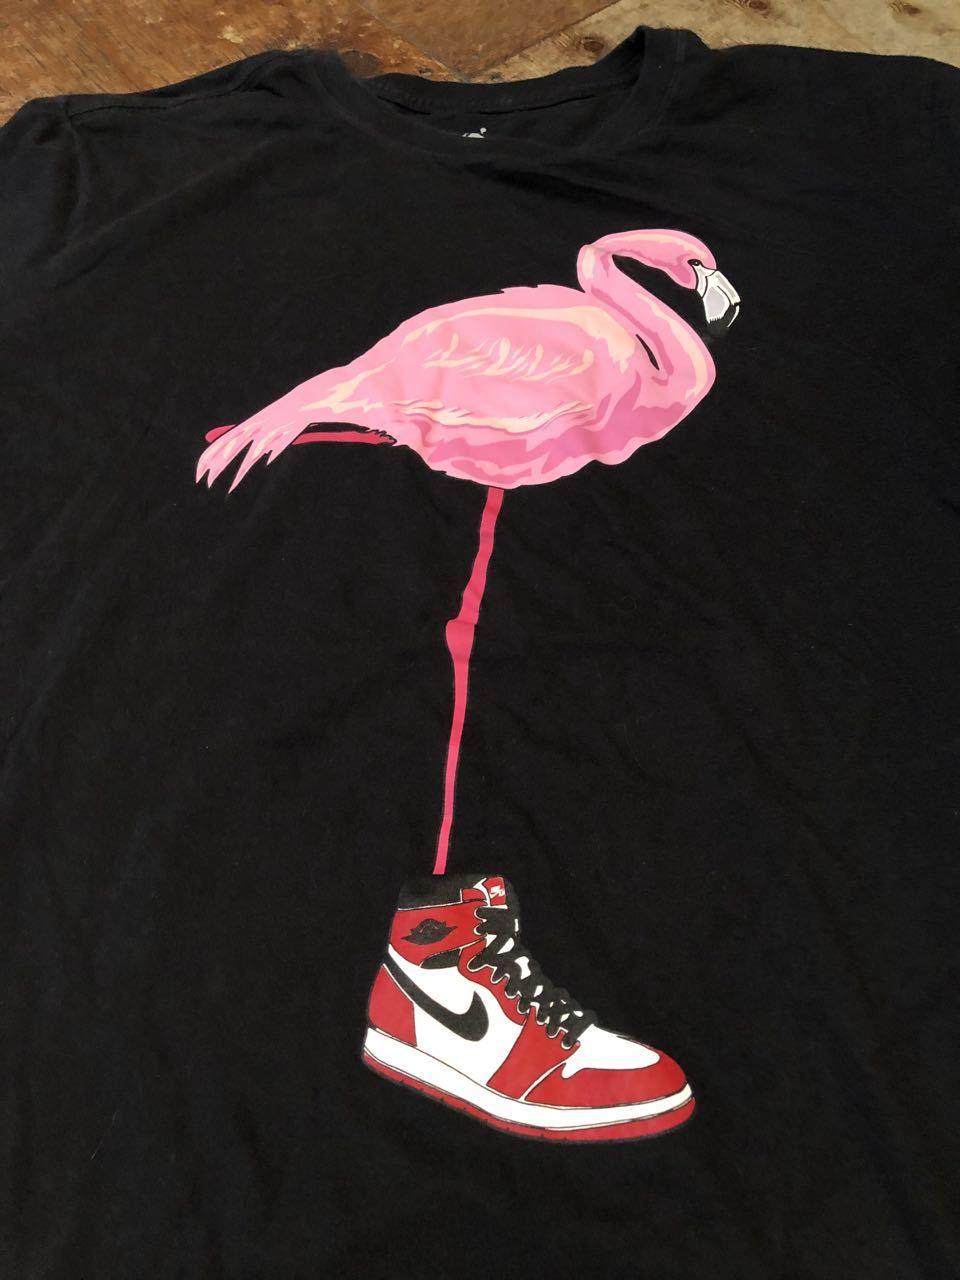 6月29日(月)入荷!NIKE JORDAN 1 ピンク フラミンゴ Tシャツ!_c0144020_13103611.jpg